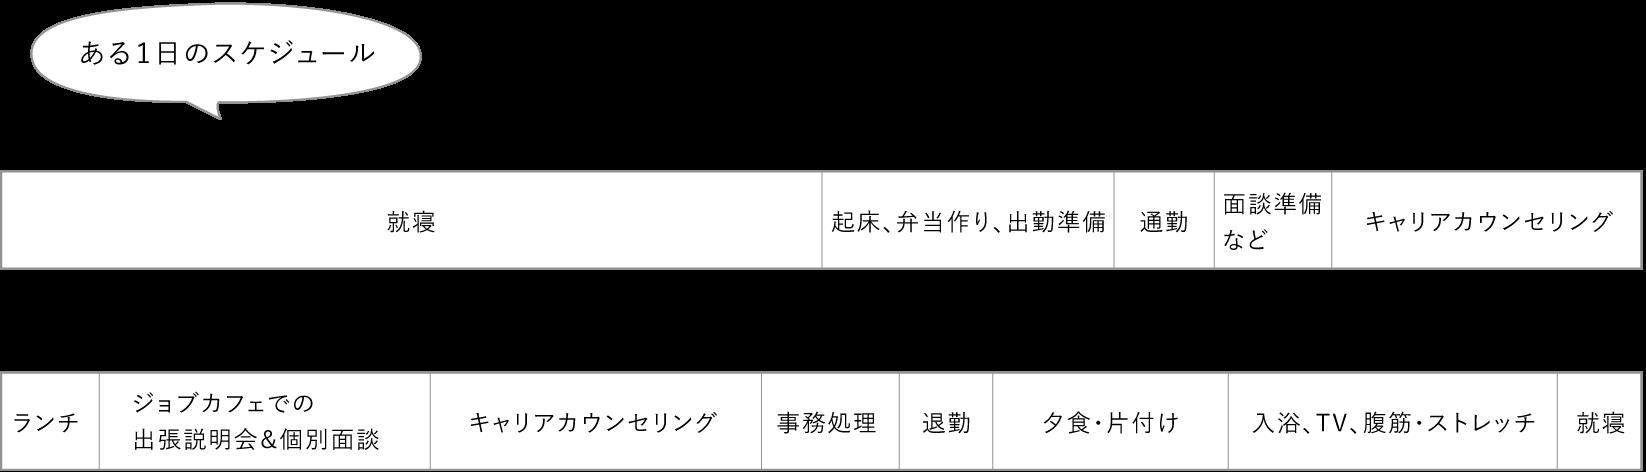 schedule02_aida